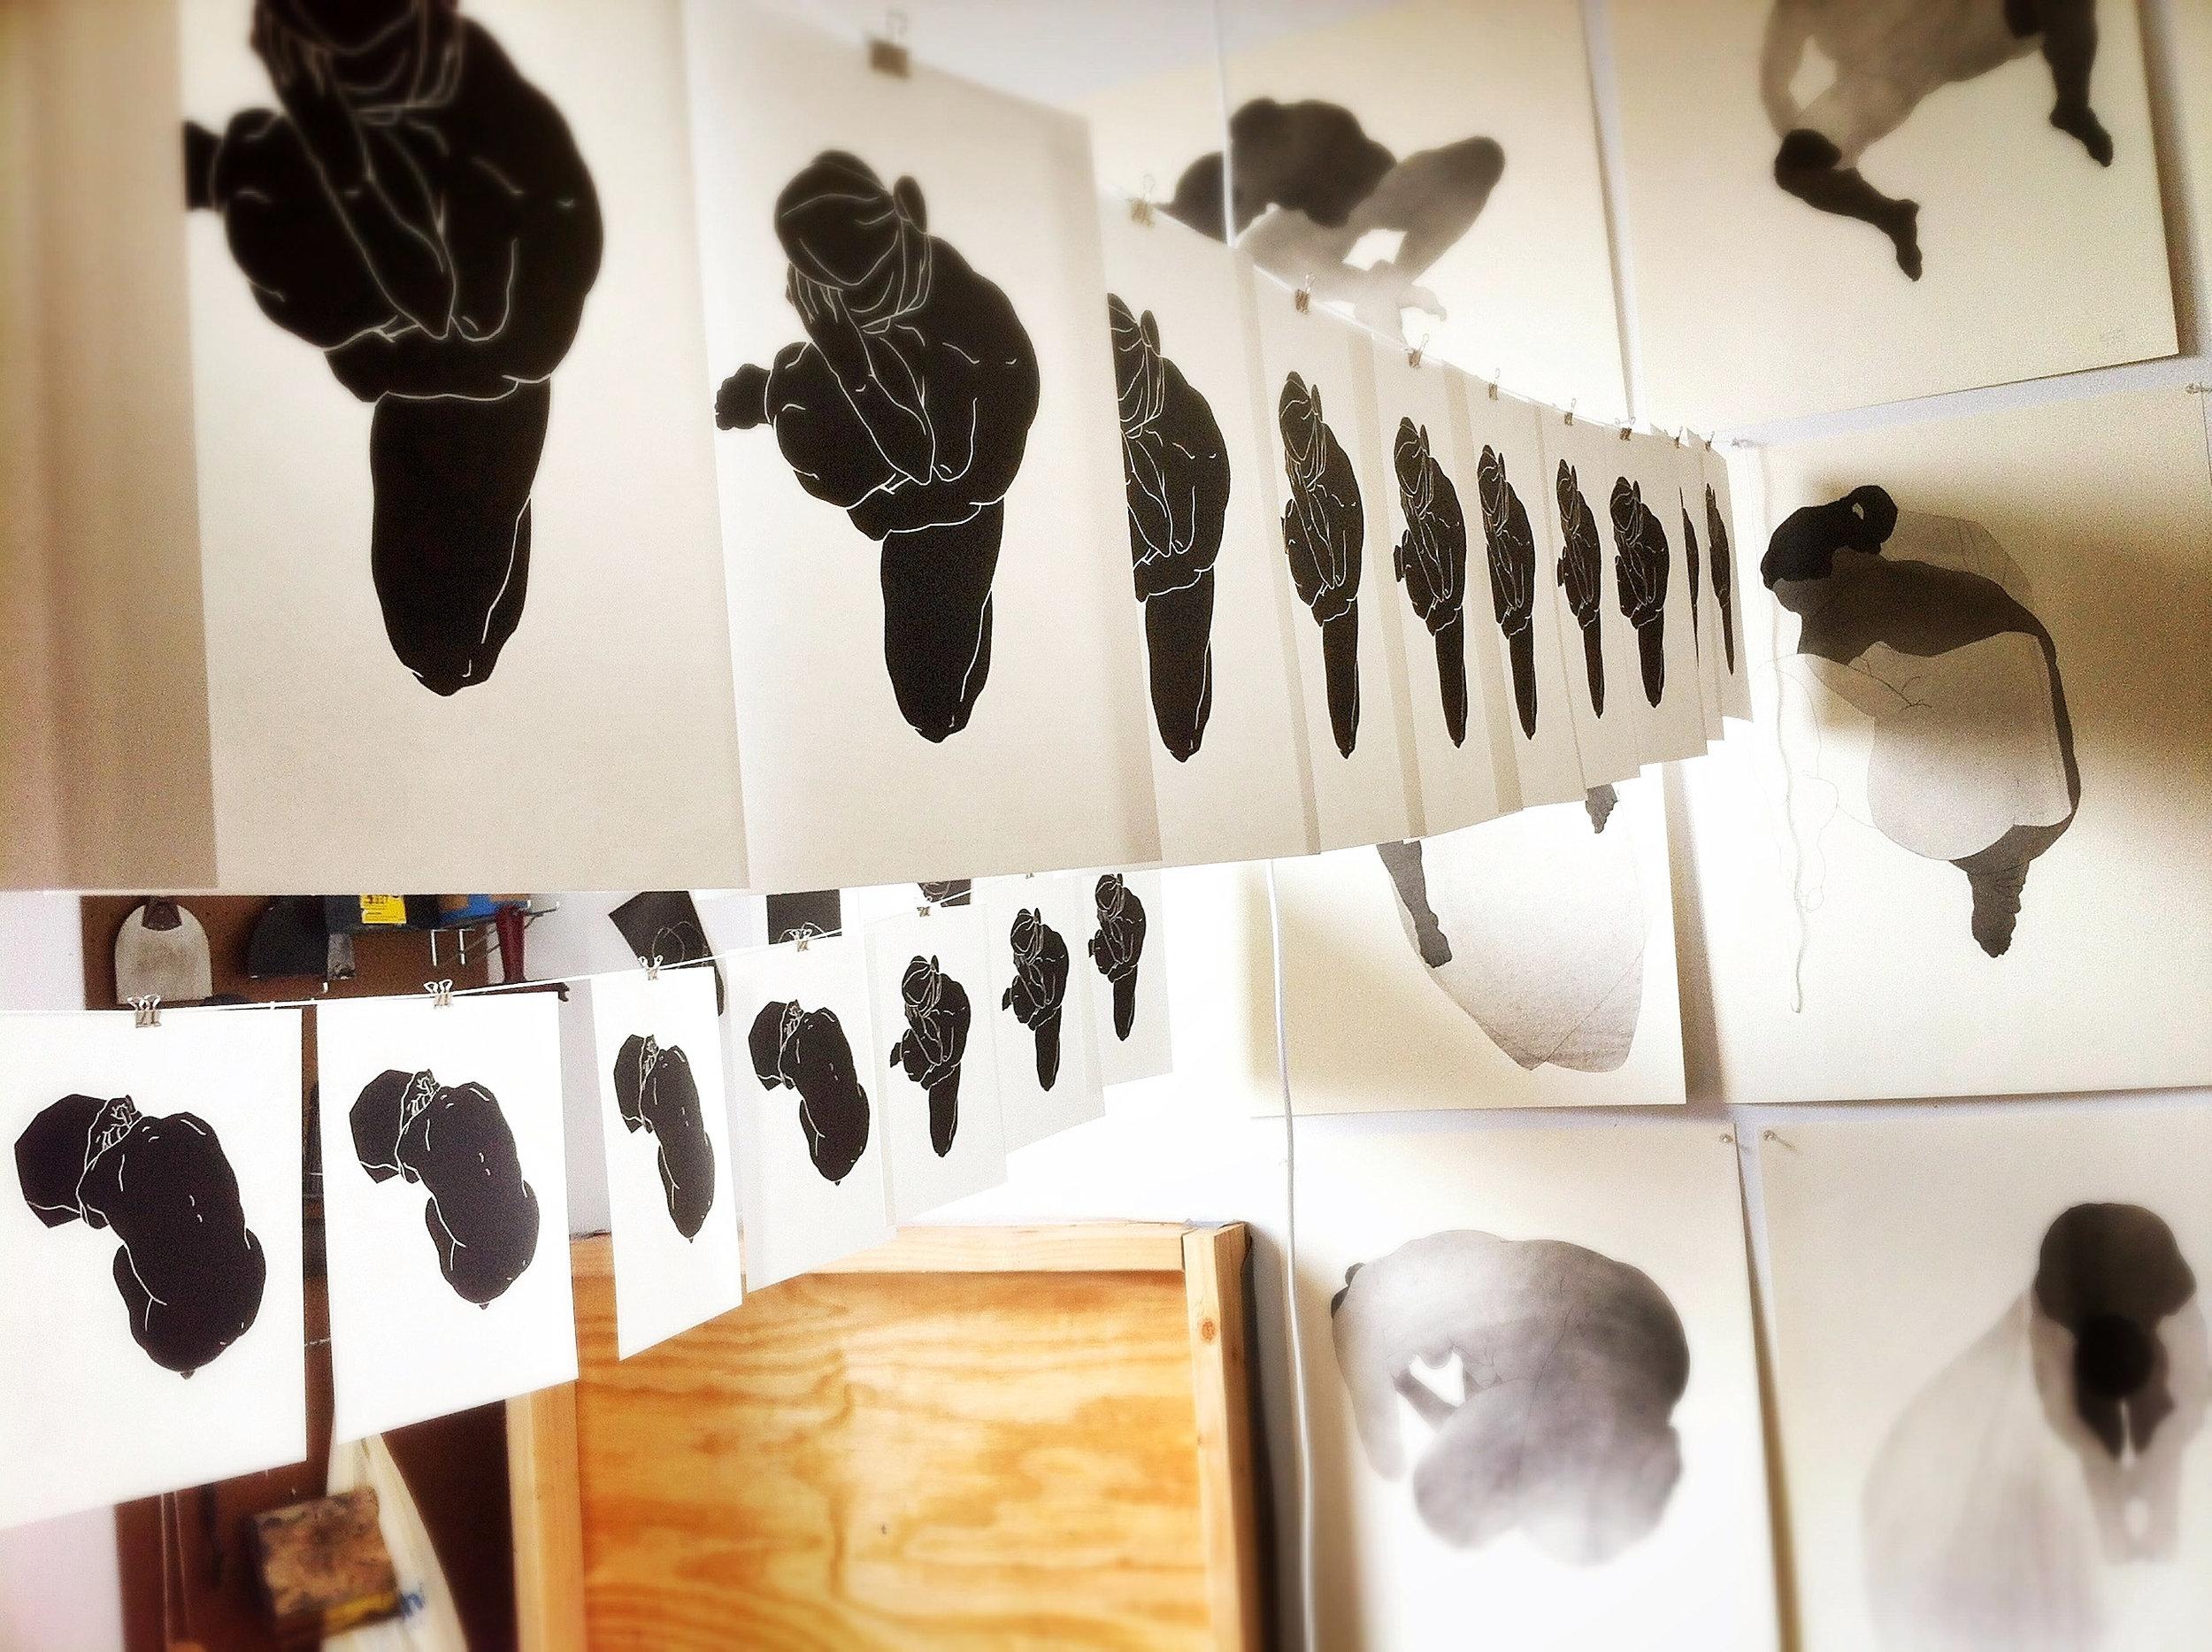 Studio, 2014.